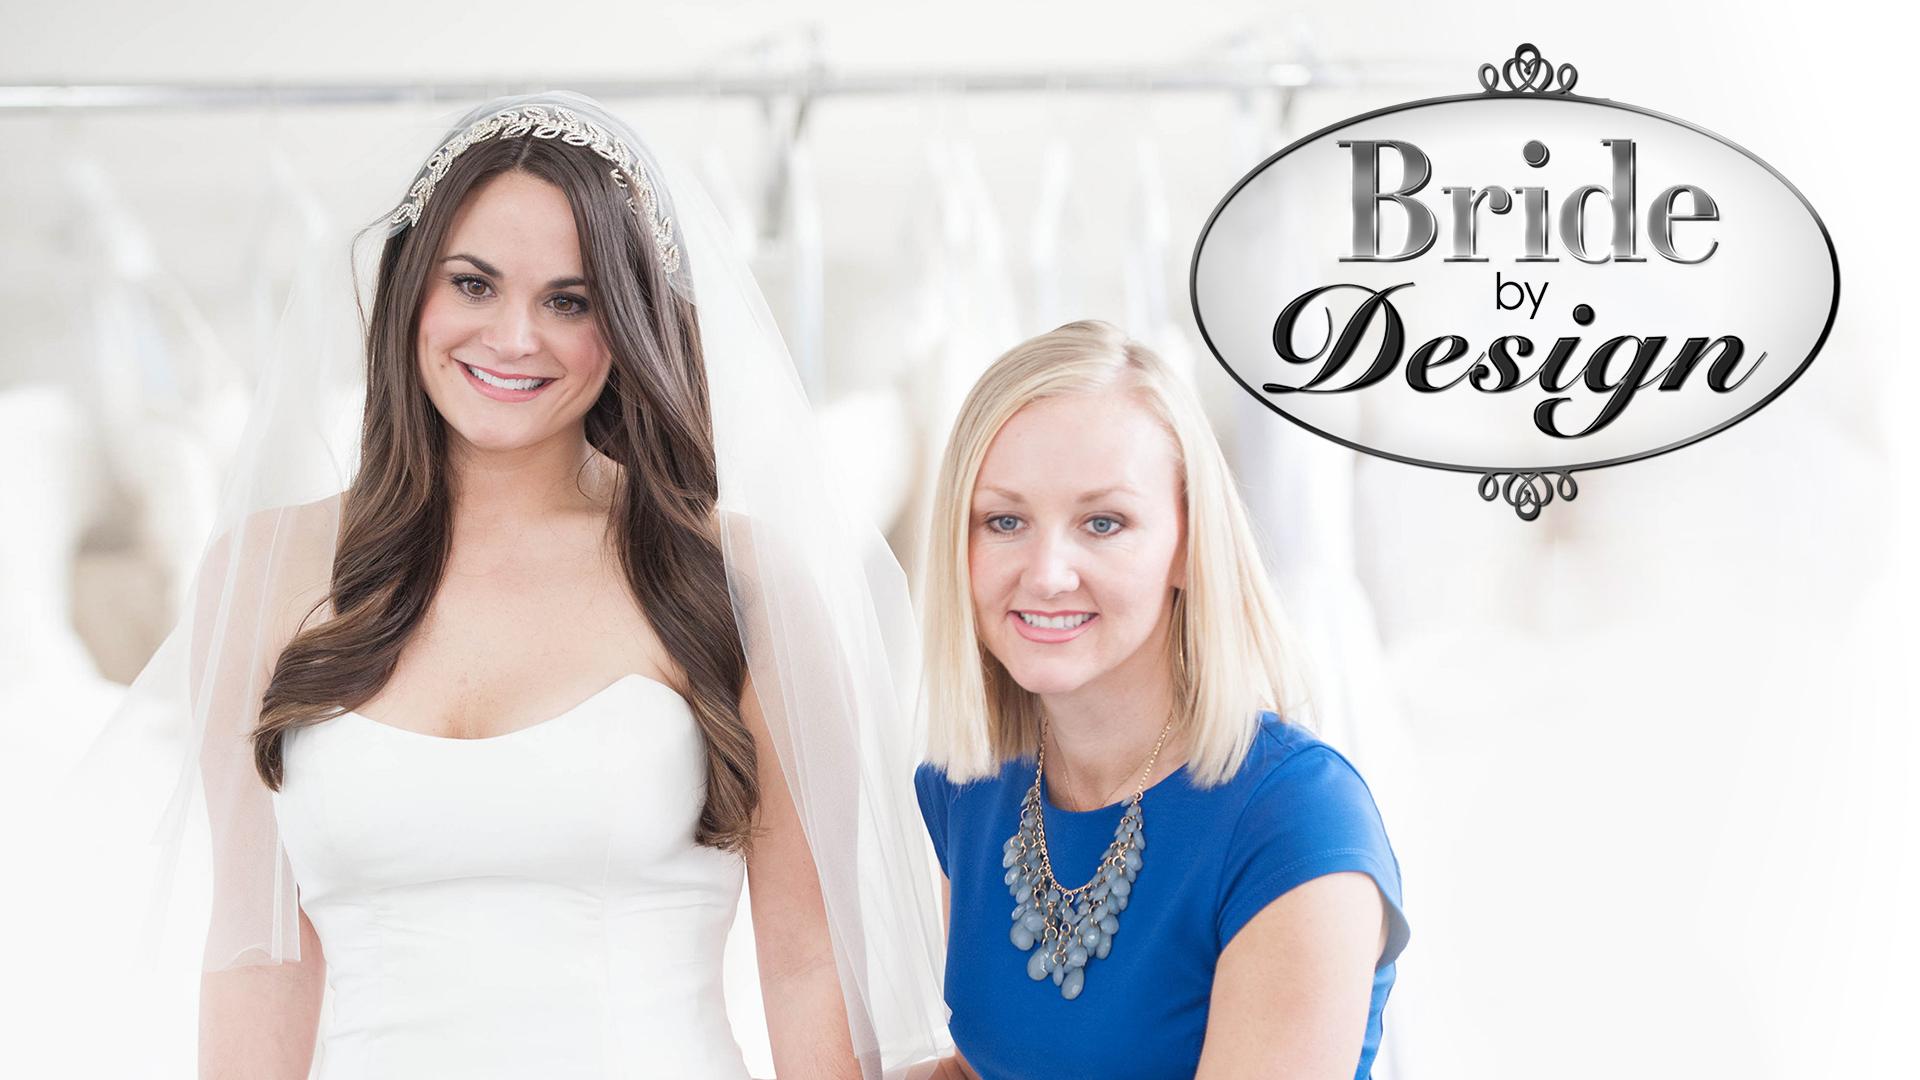 Bride By Design - Season 1